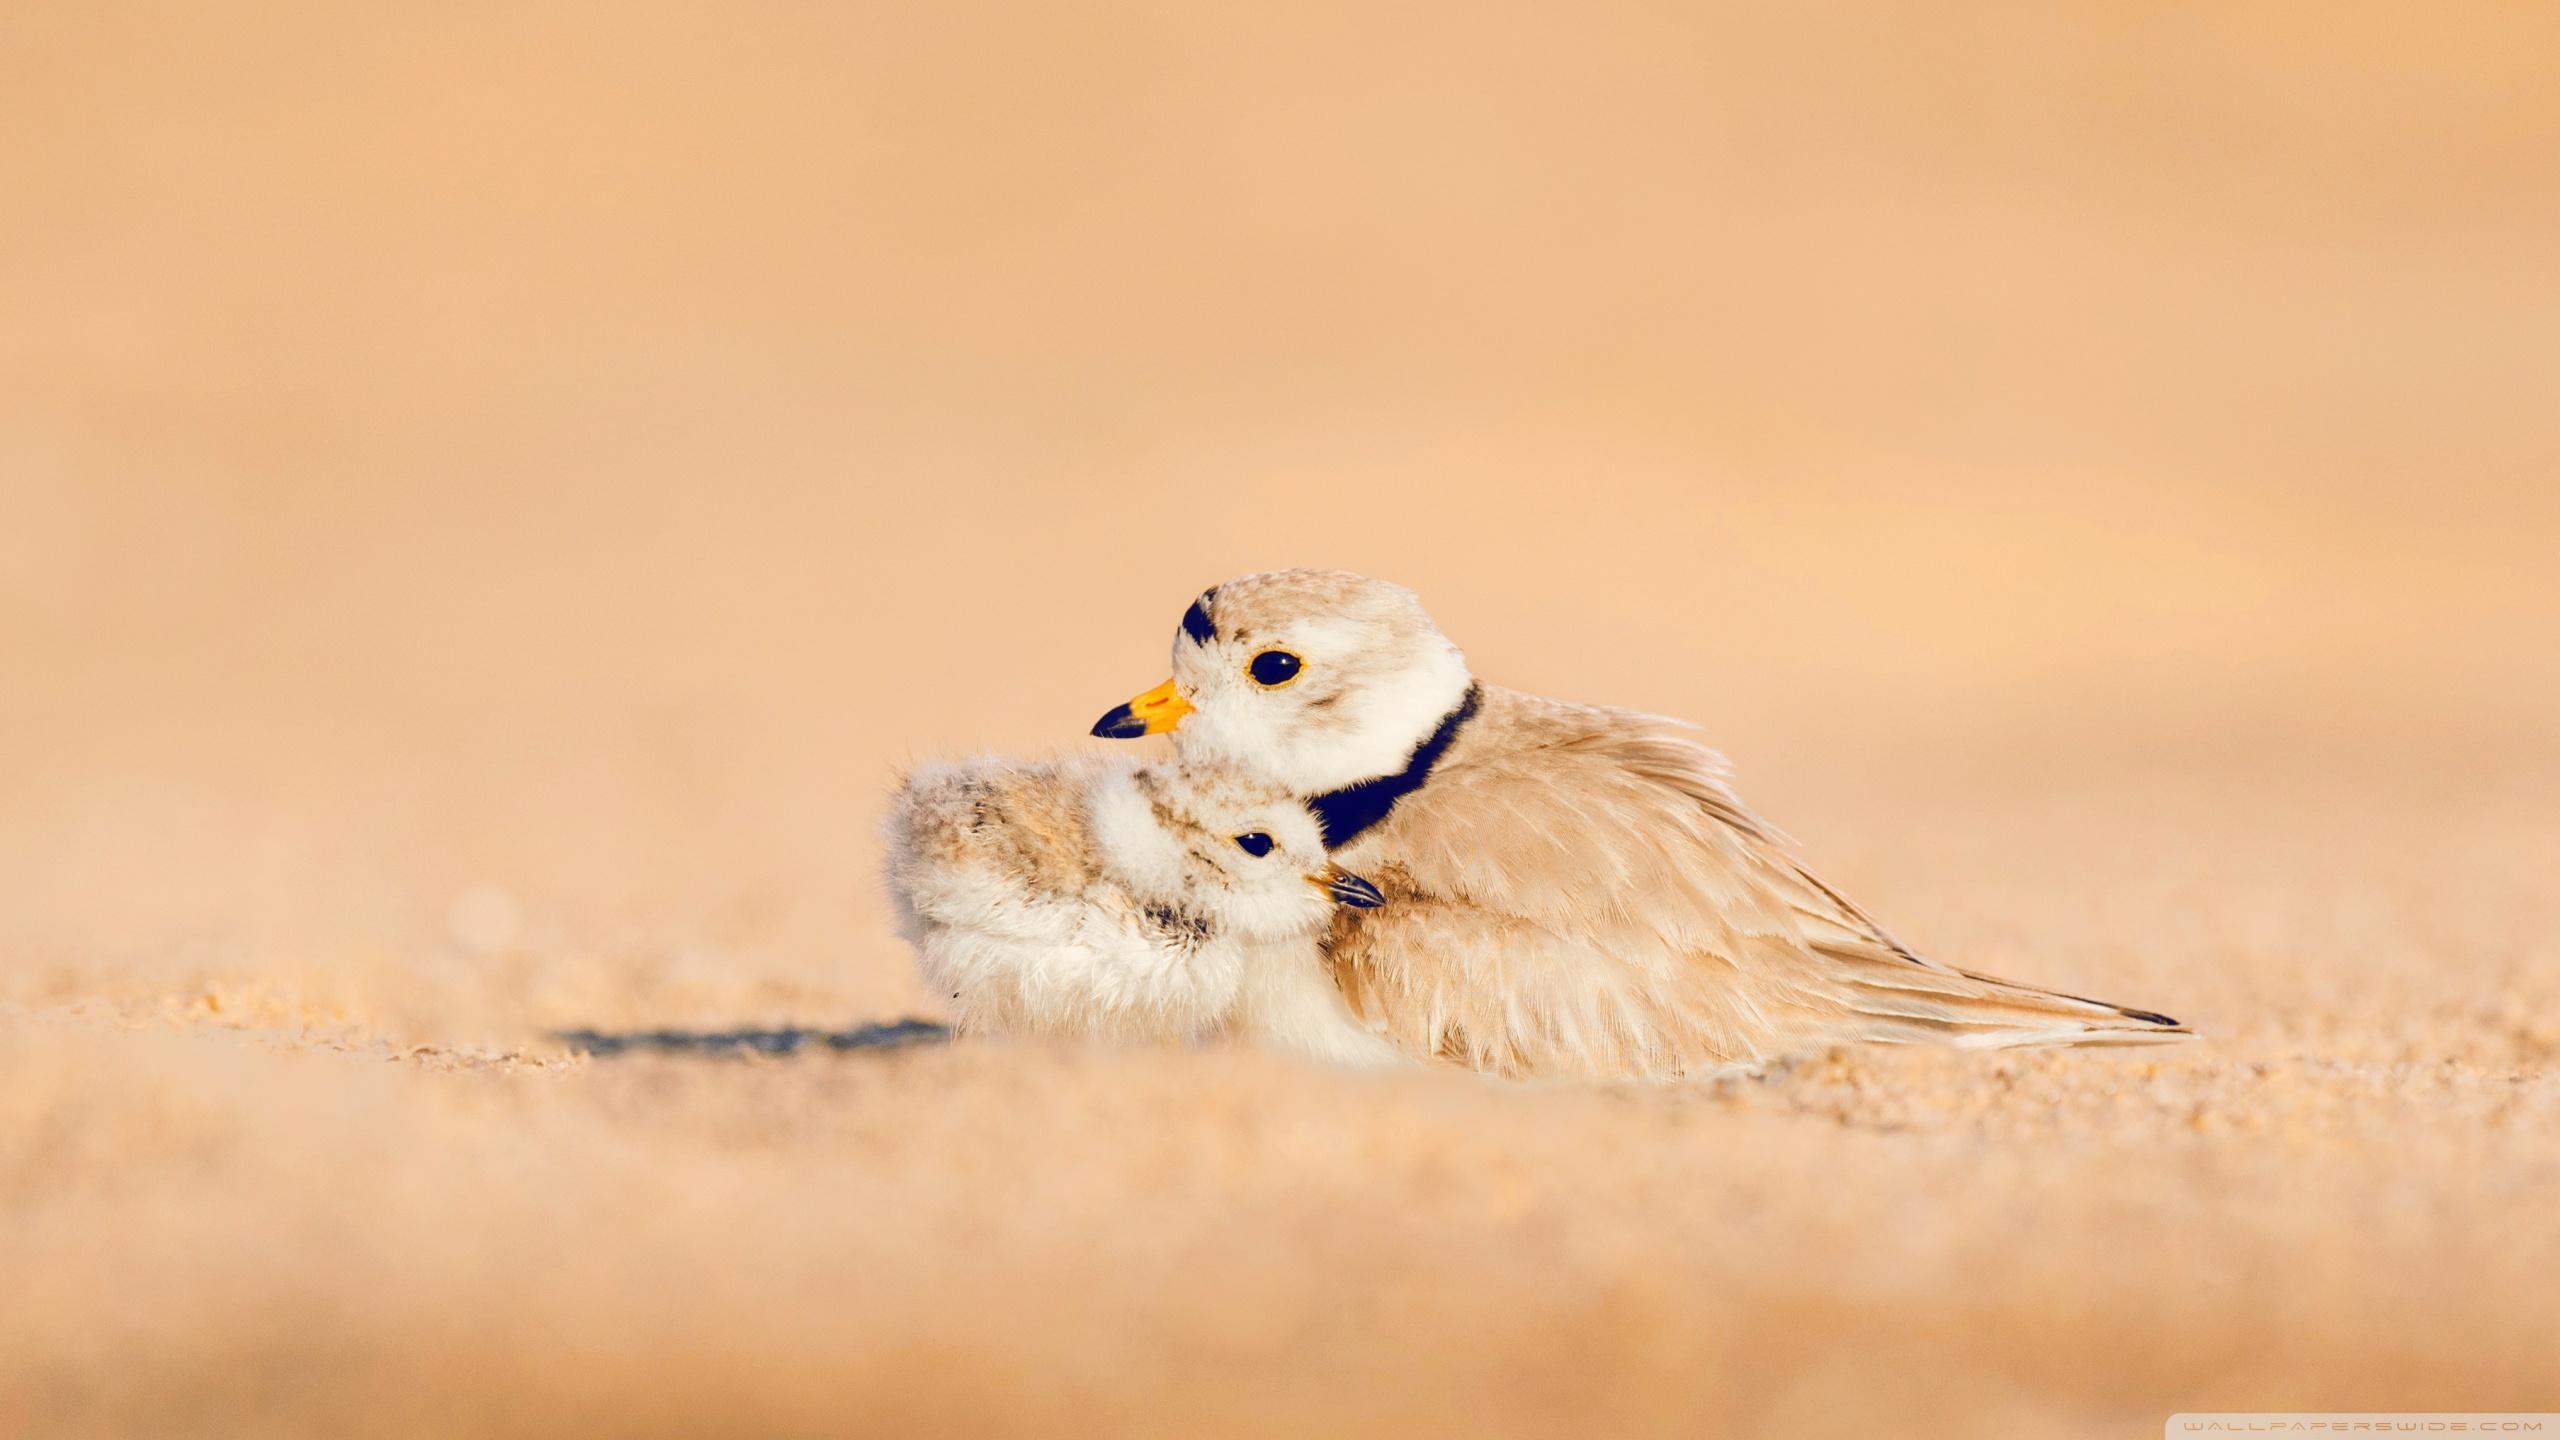 Hình nền những con chim đẹp, ý nghĩa